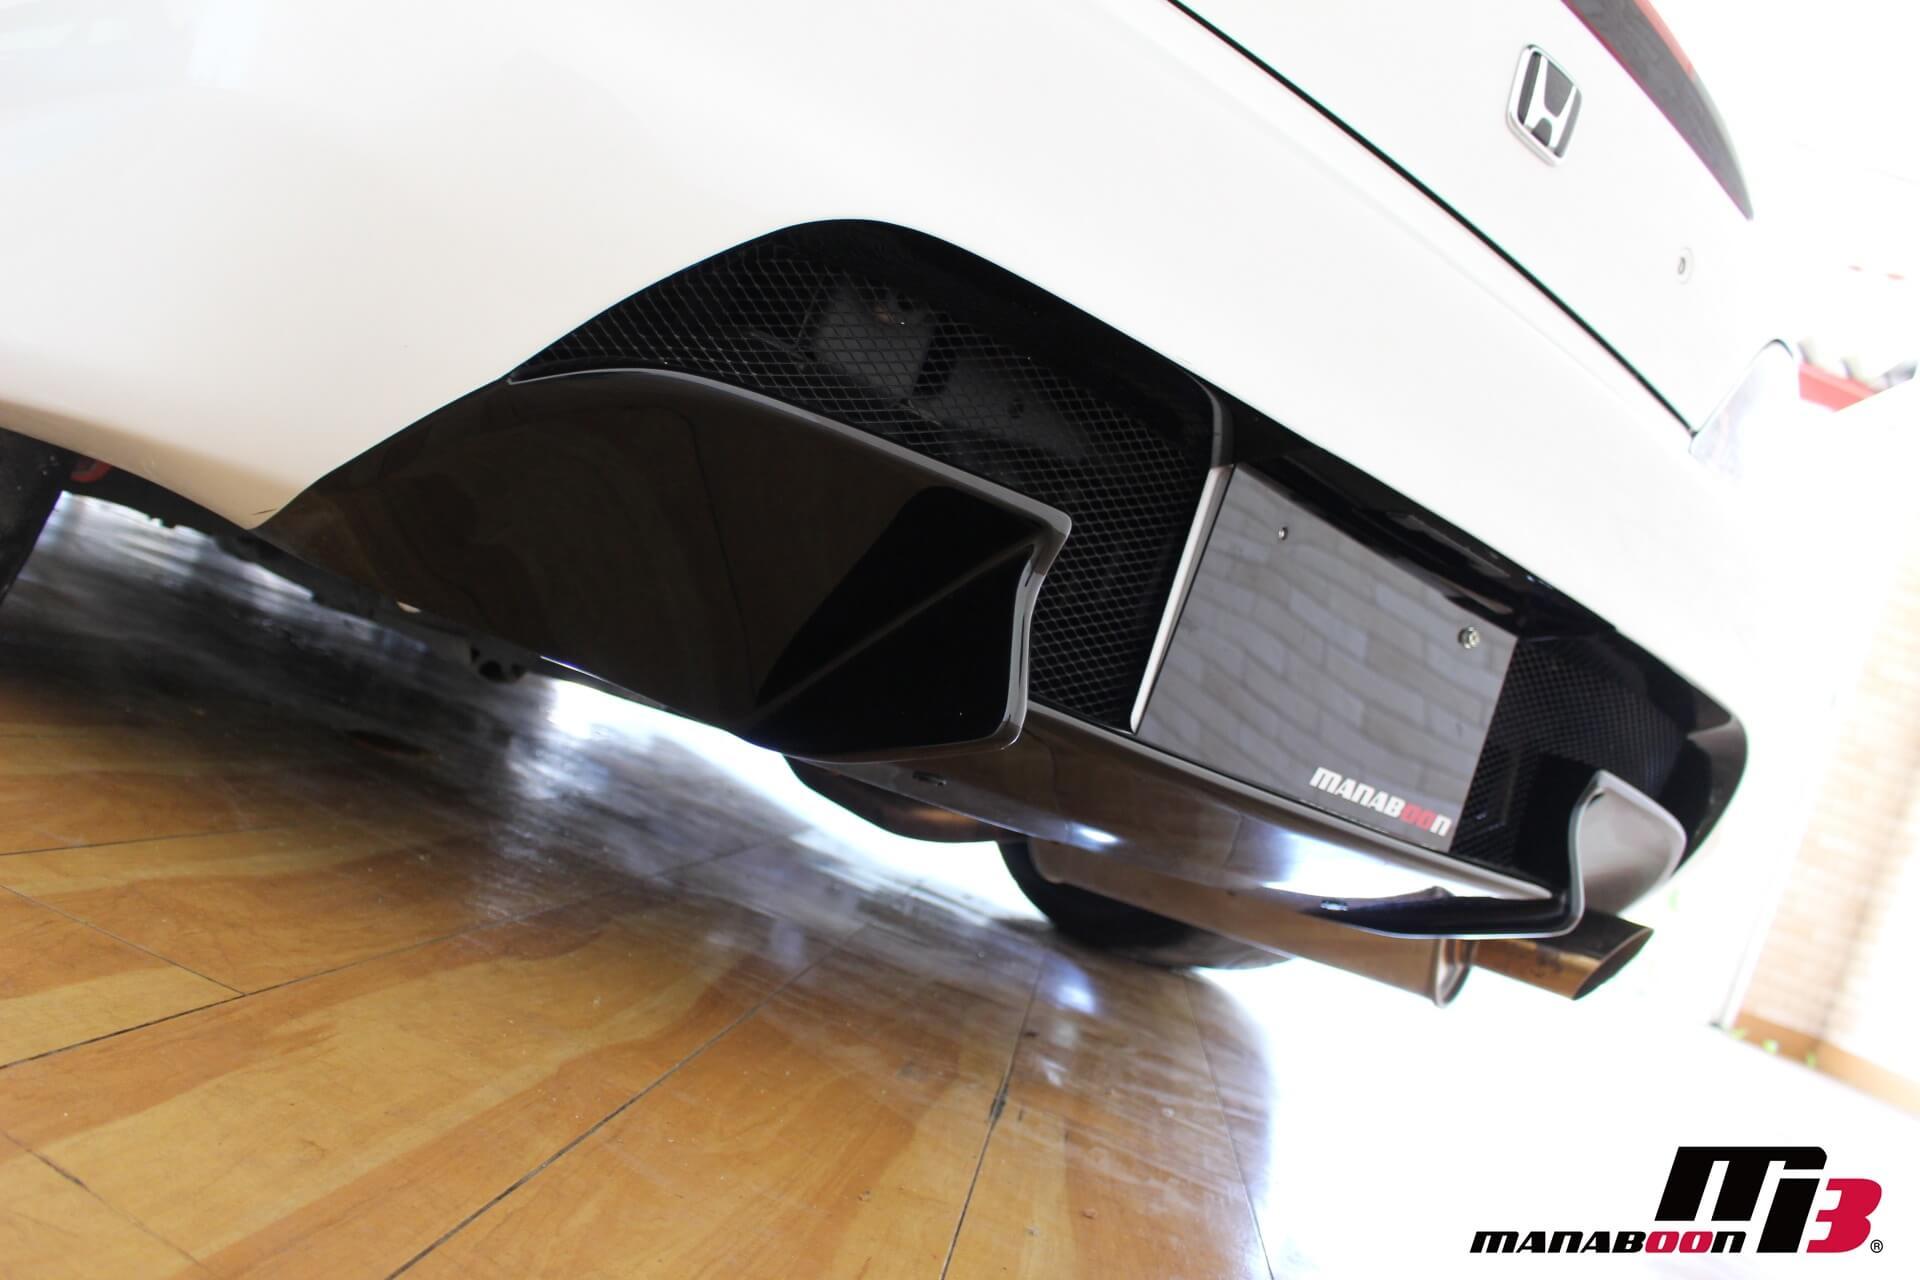 ガレージアミス S2000画像